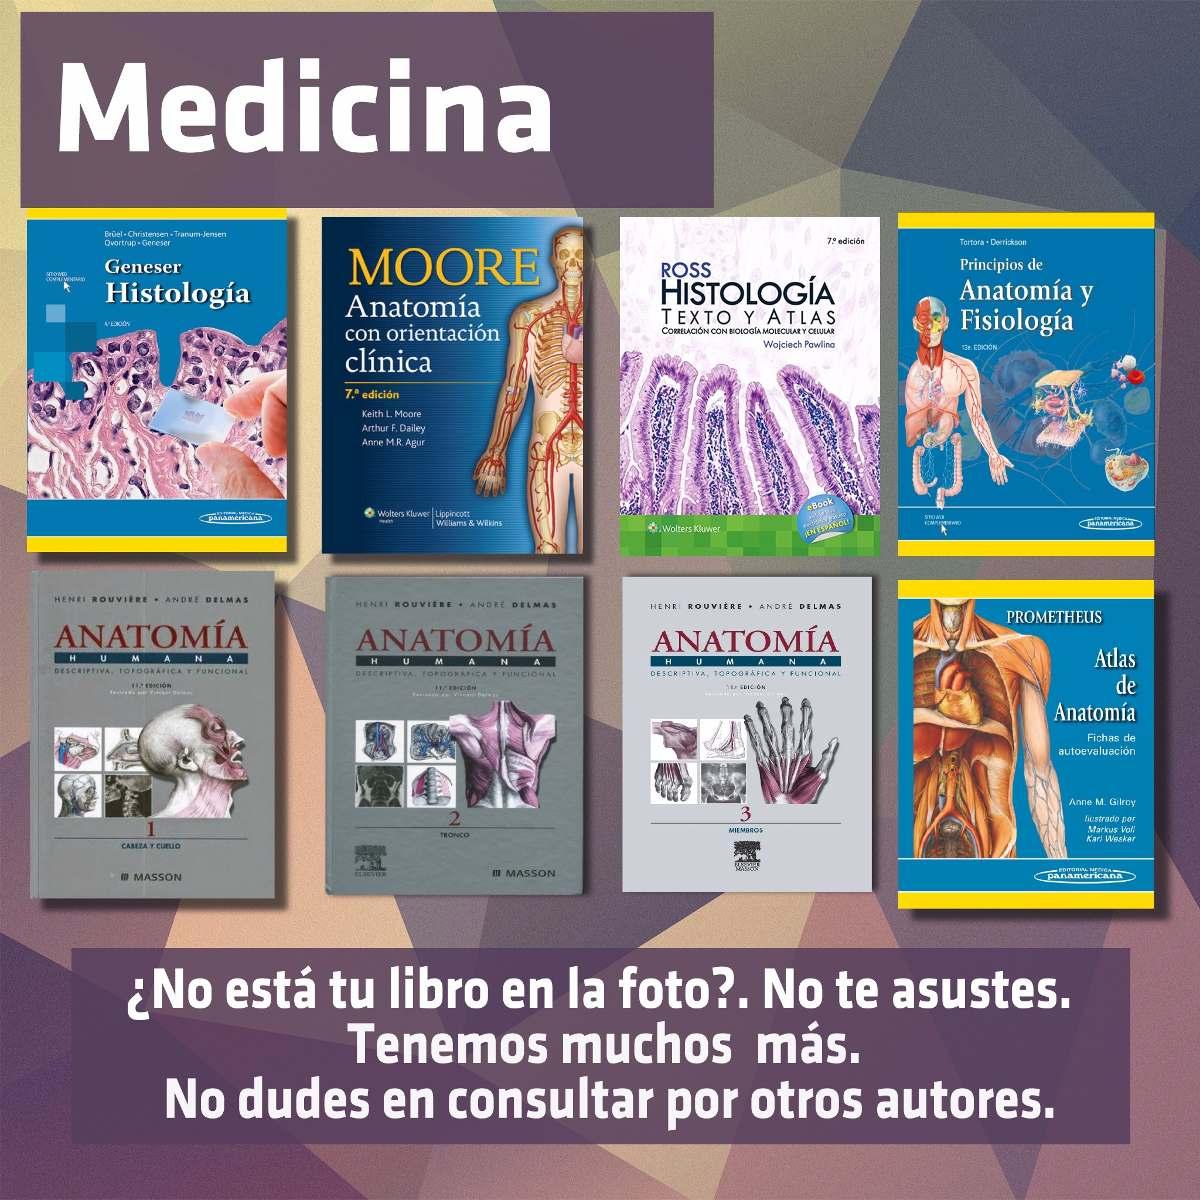 Asombroso Anatomía Y Fisiología Tercera Edición Bandera - Imágenes ...